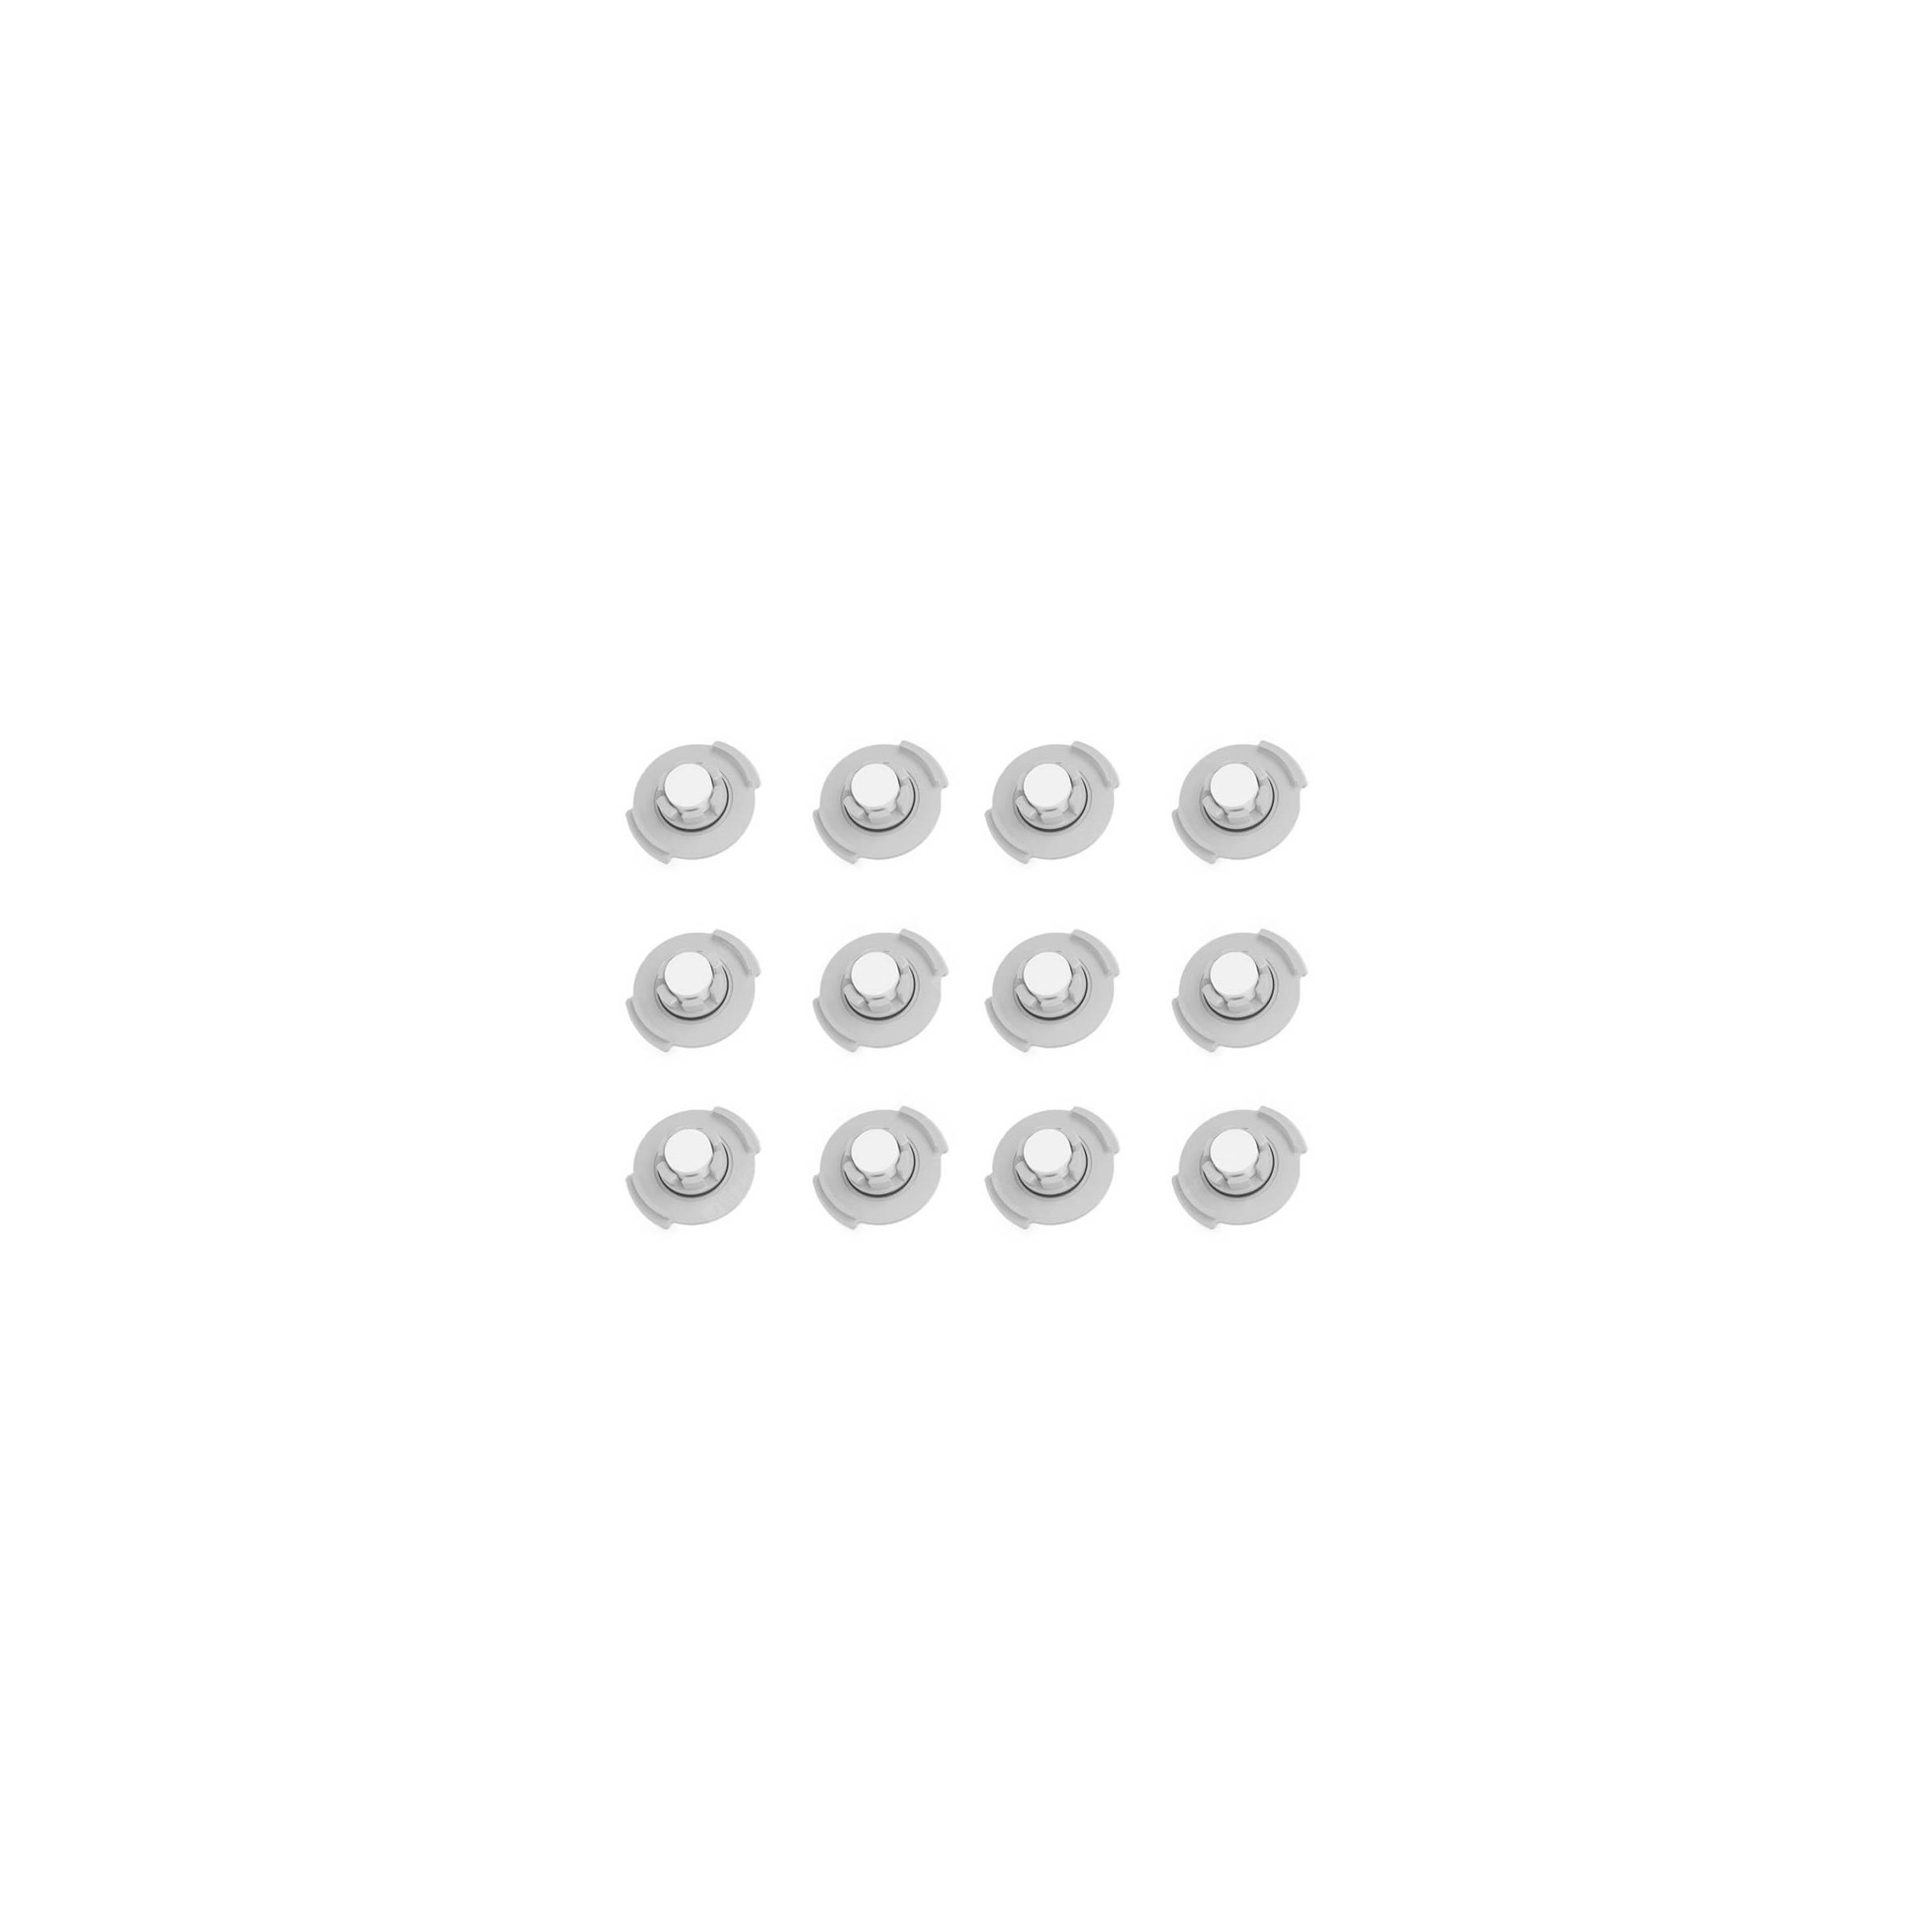 Bilde av 12 Stk Original Vanddispenser Til Xiaomi Roborock S5, S55, S6